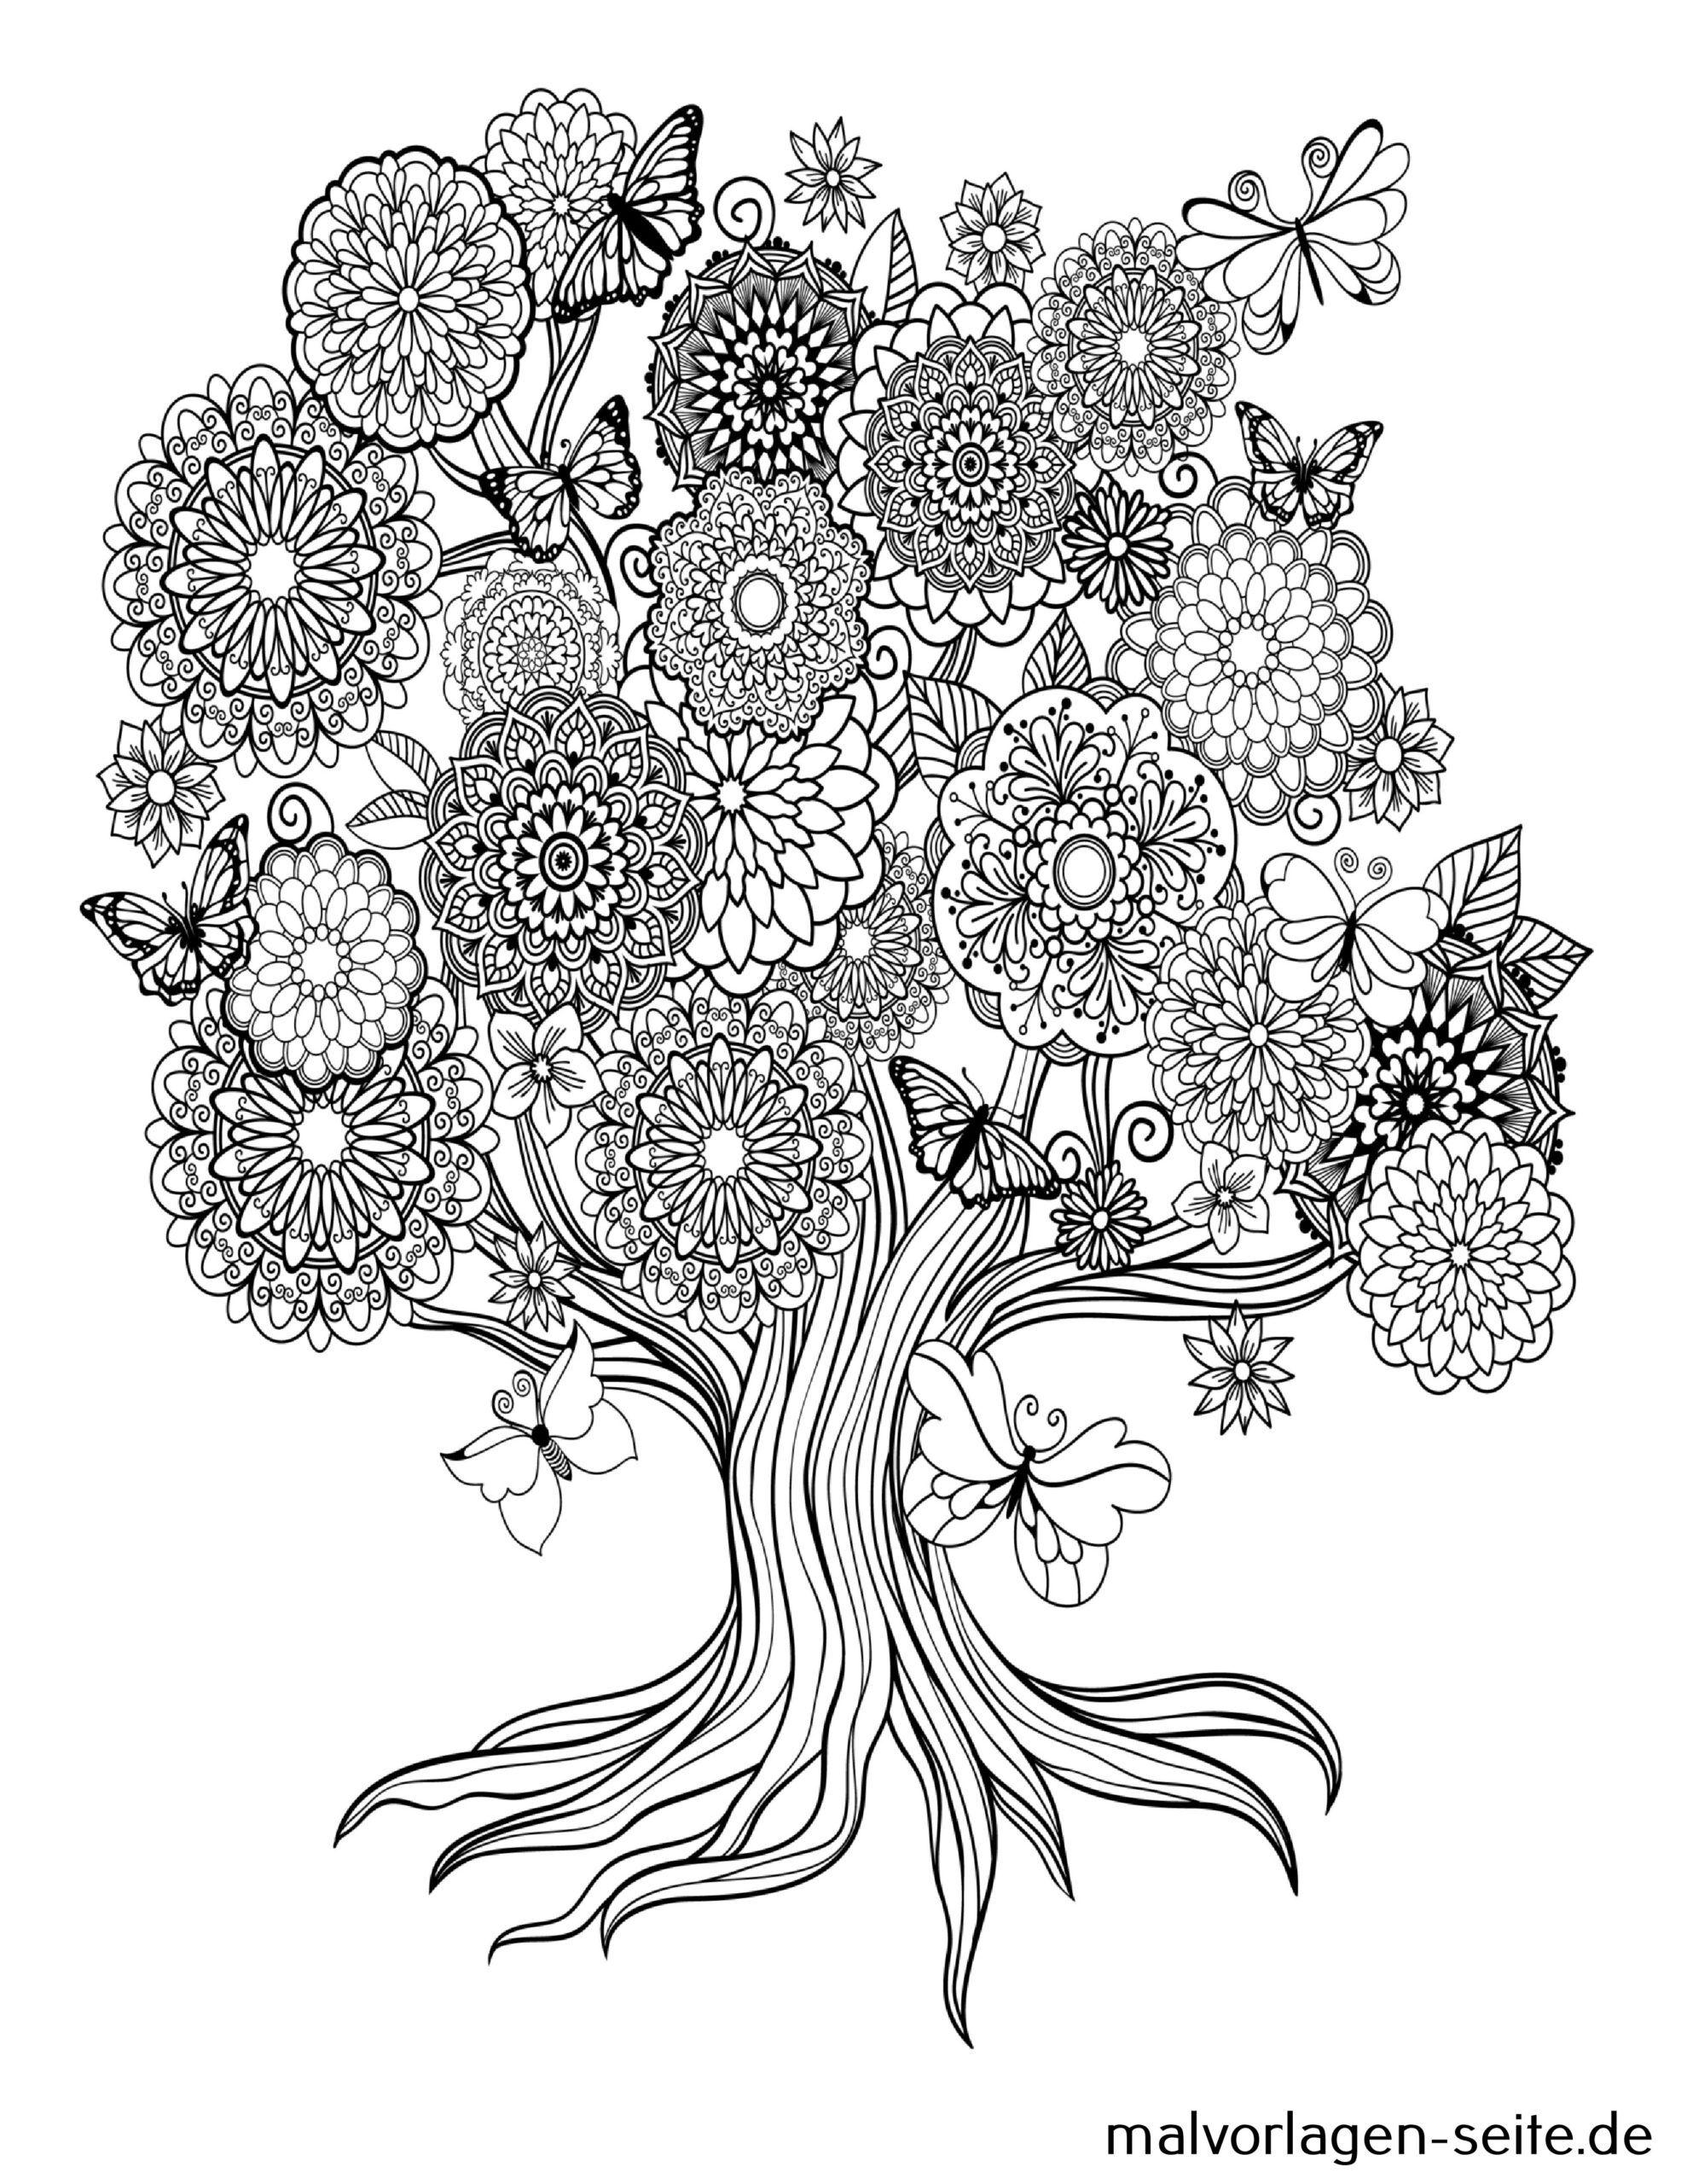 Tolle Mandala Für Erwachsene - Baum Mit Blüten - Kostenlose